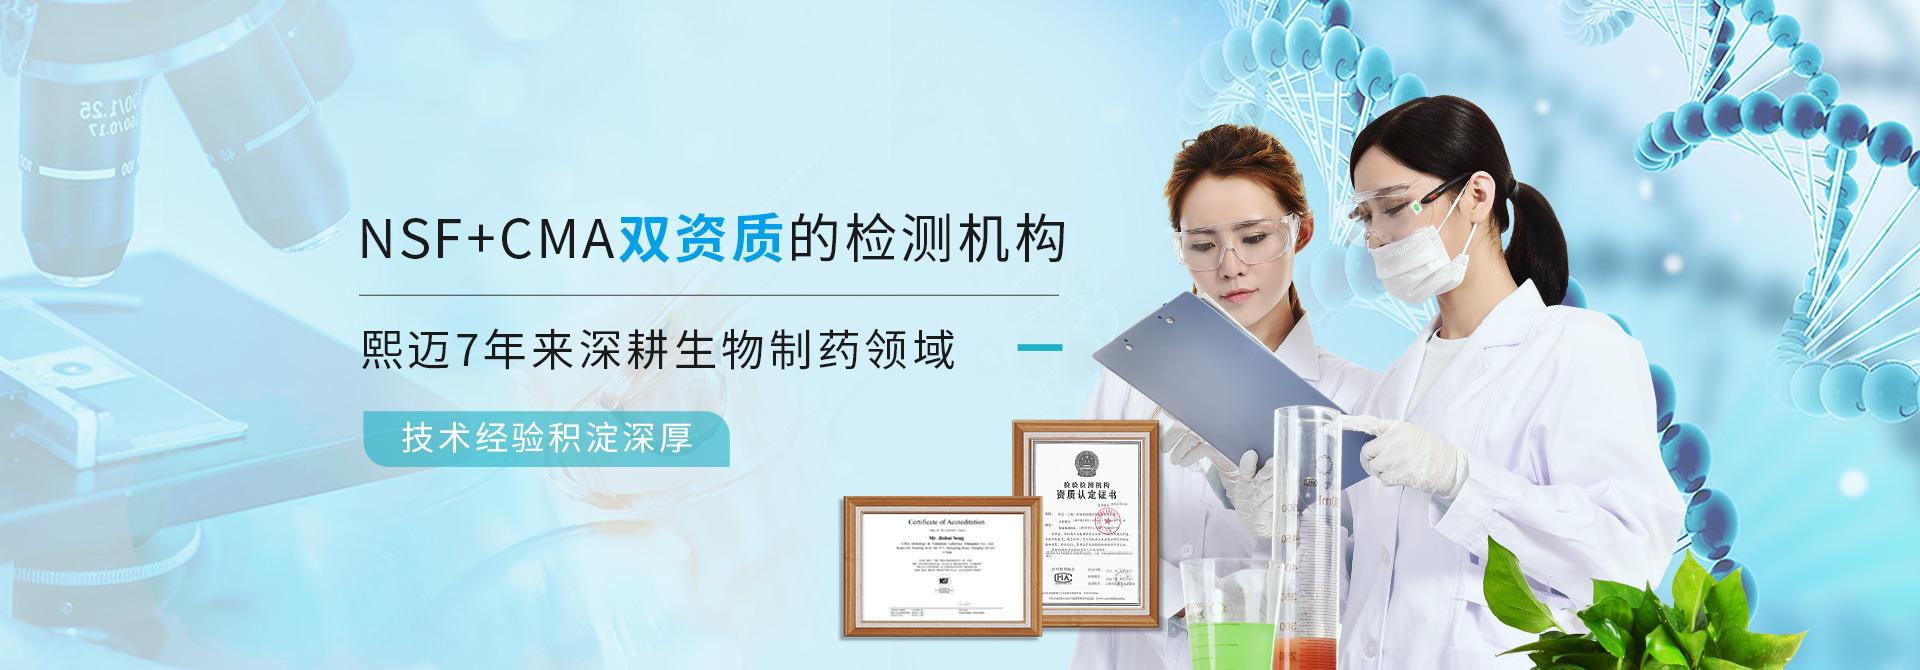 上海熙迈7年来深耕生物制药领域